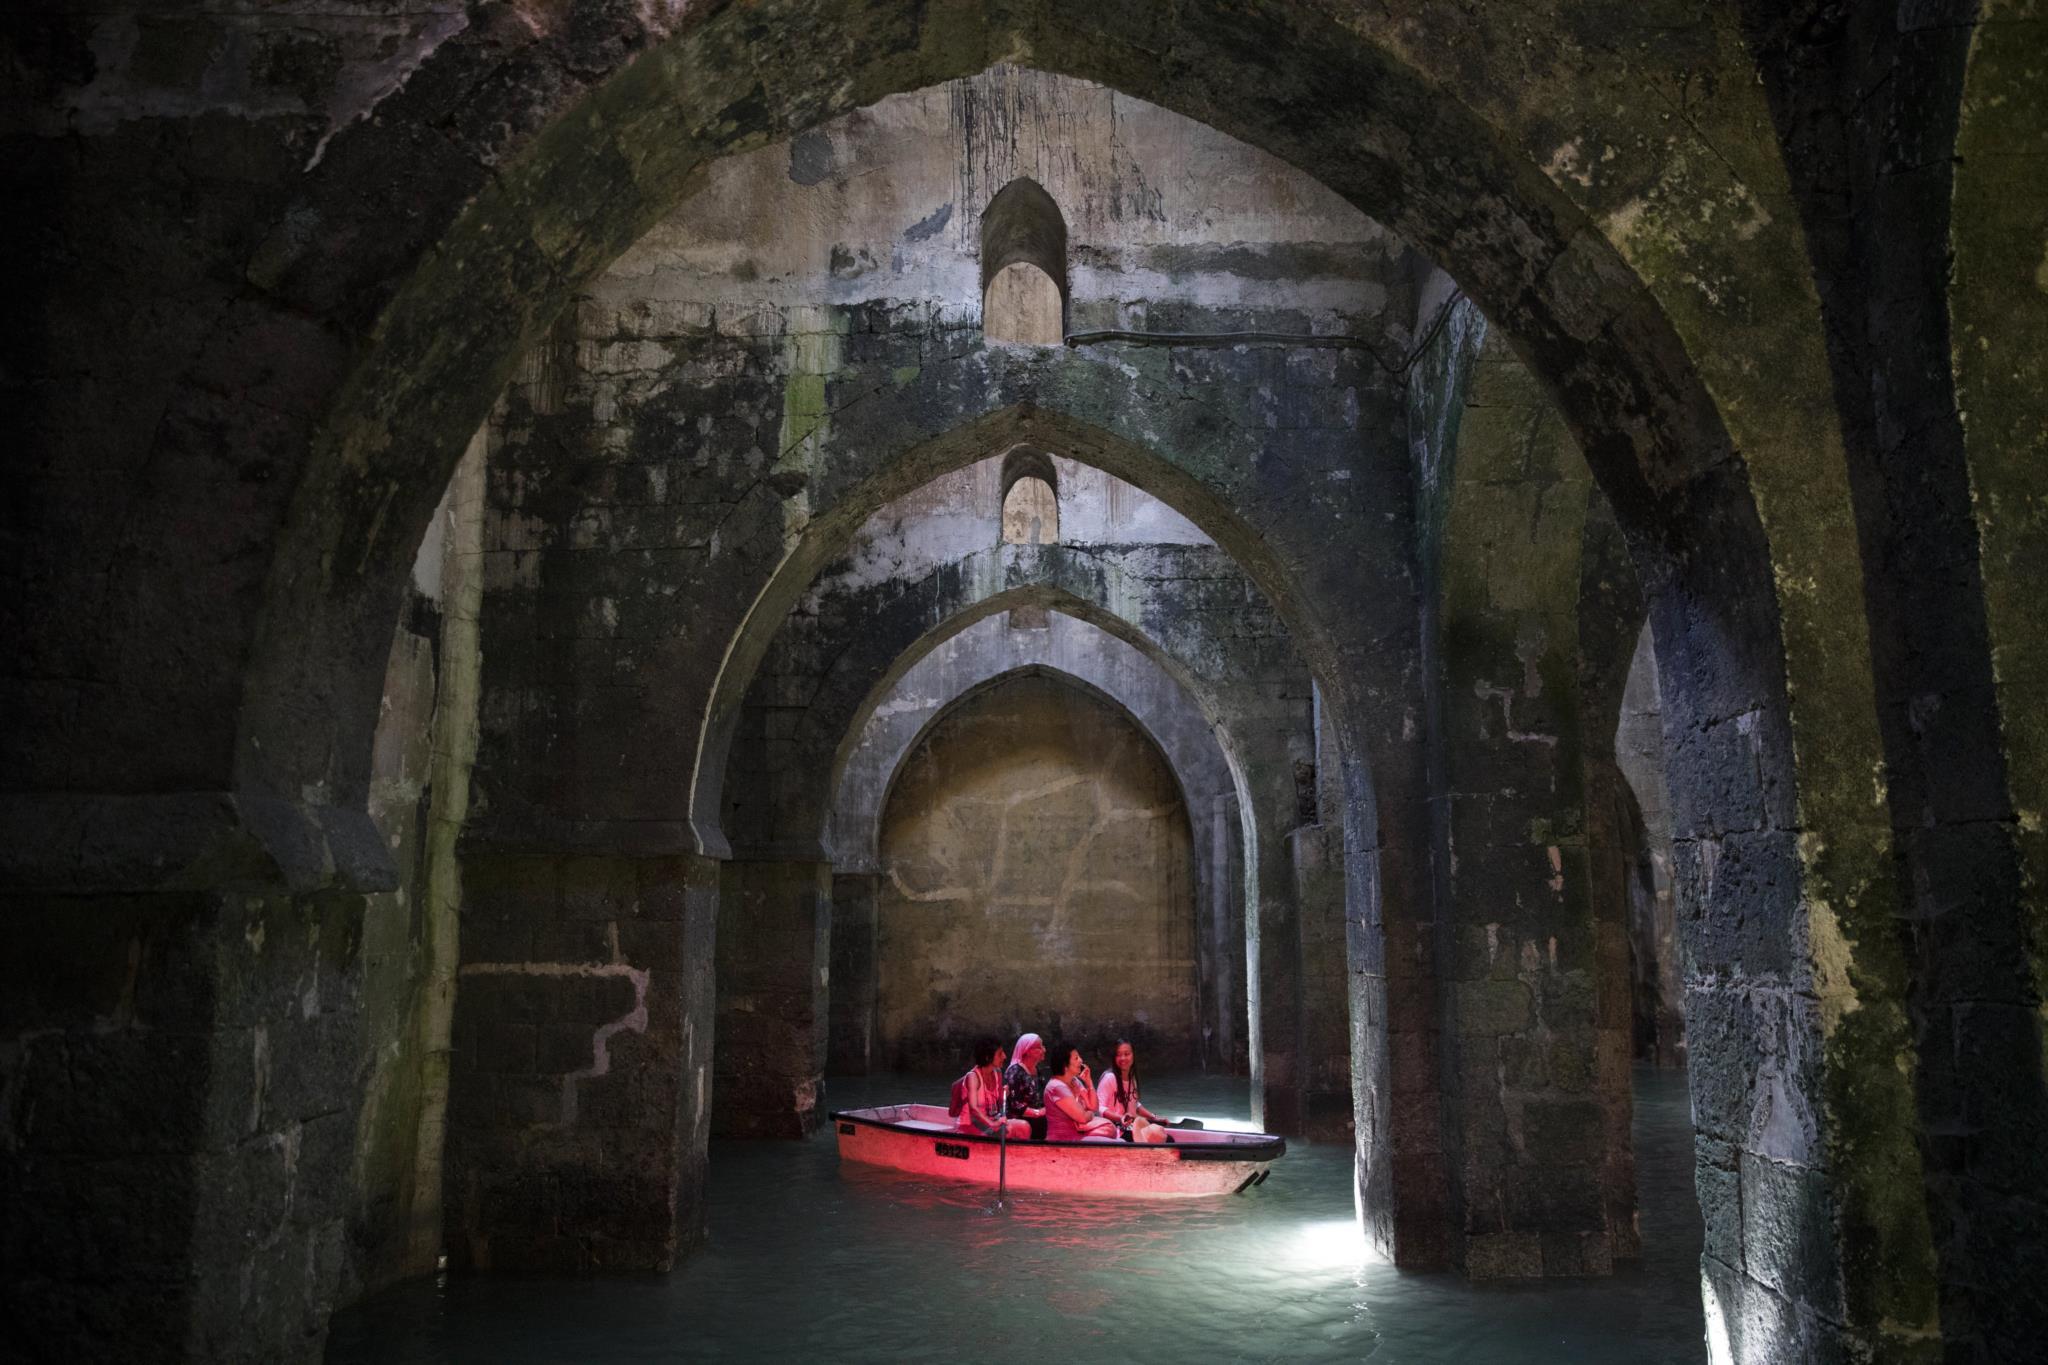 Turistas em pequenos barcos na piscina dos Arcos em Ramla, Israel, construída em 789 AD